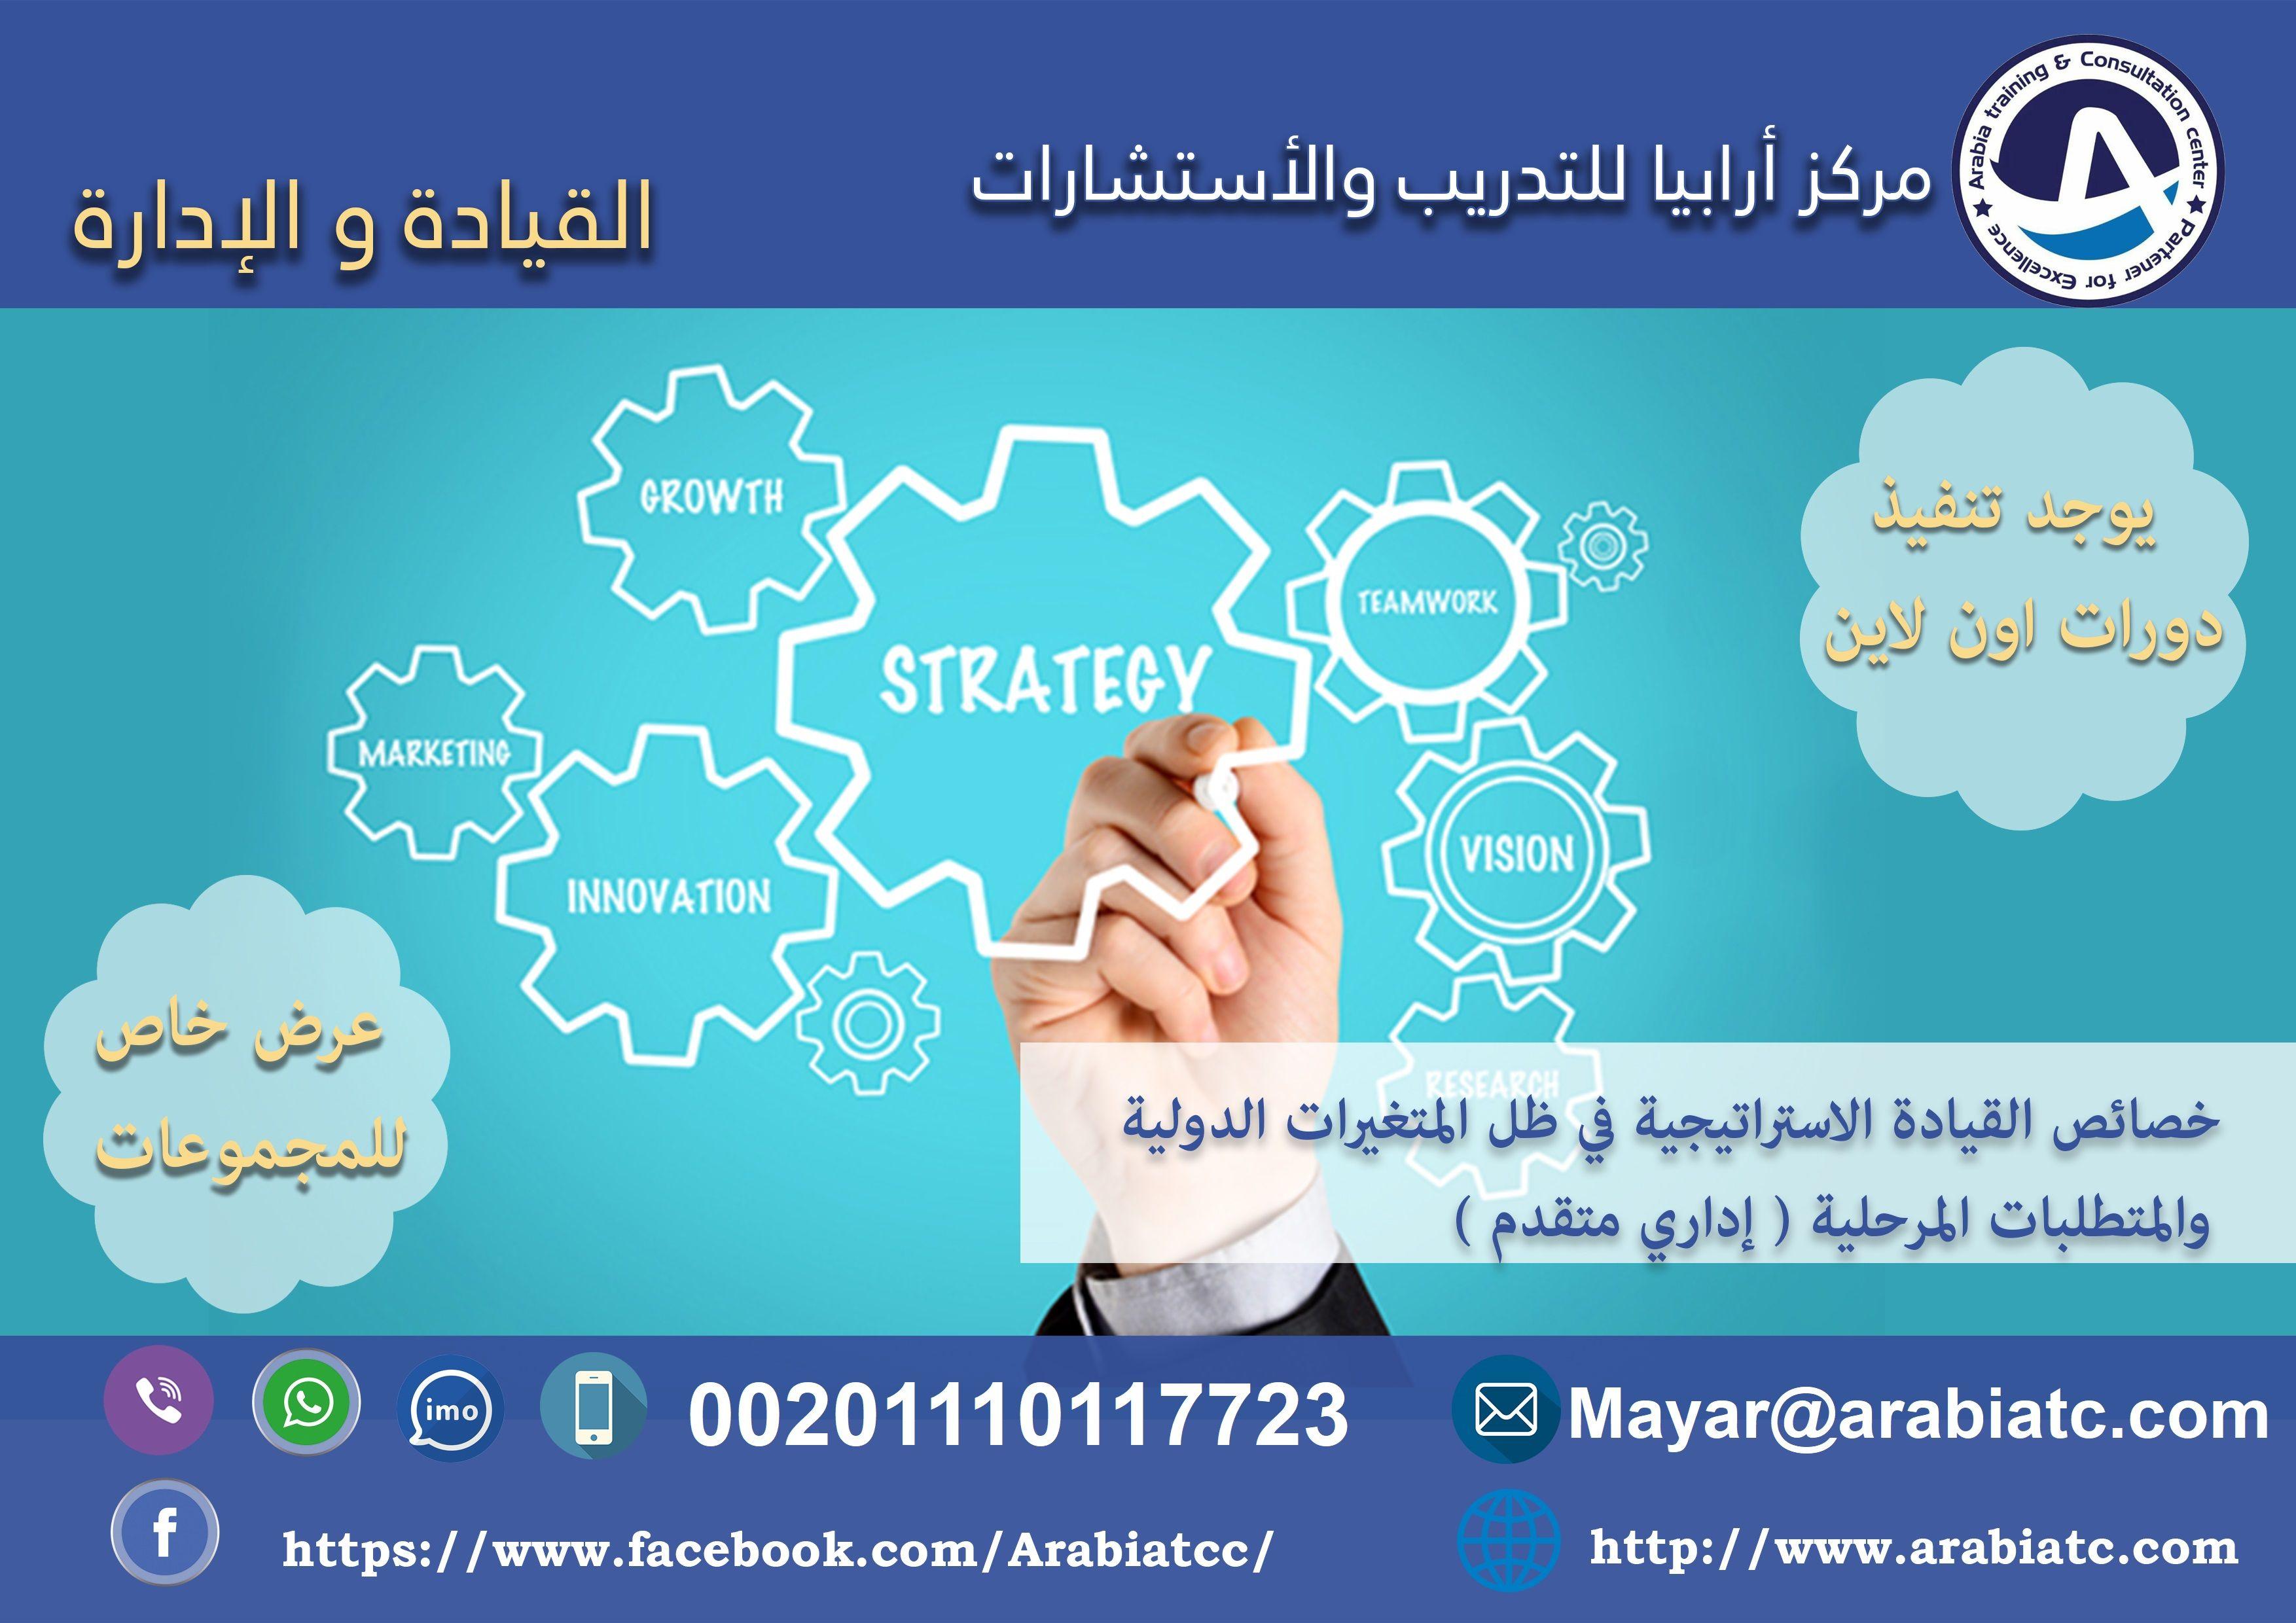 دورات القيادة والإدارة دورة خصائص القيادة الاستراتيجية في ظل المتغيرات الدولية والمتطلبات المرحلية السعودية الامارا Training Center Growth Strategy Merna